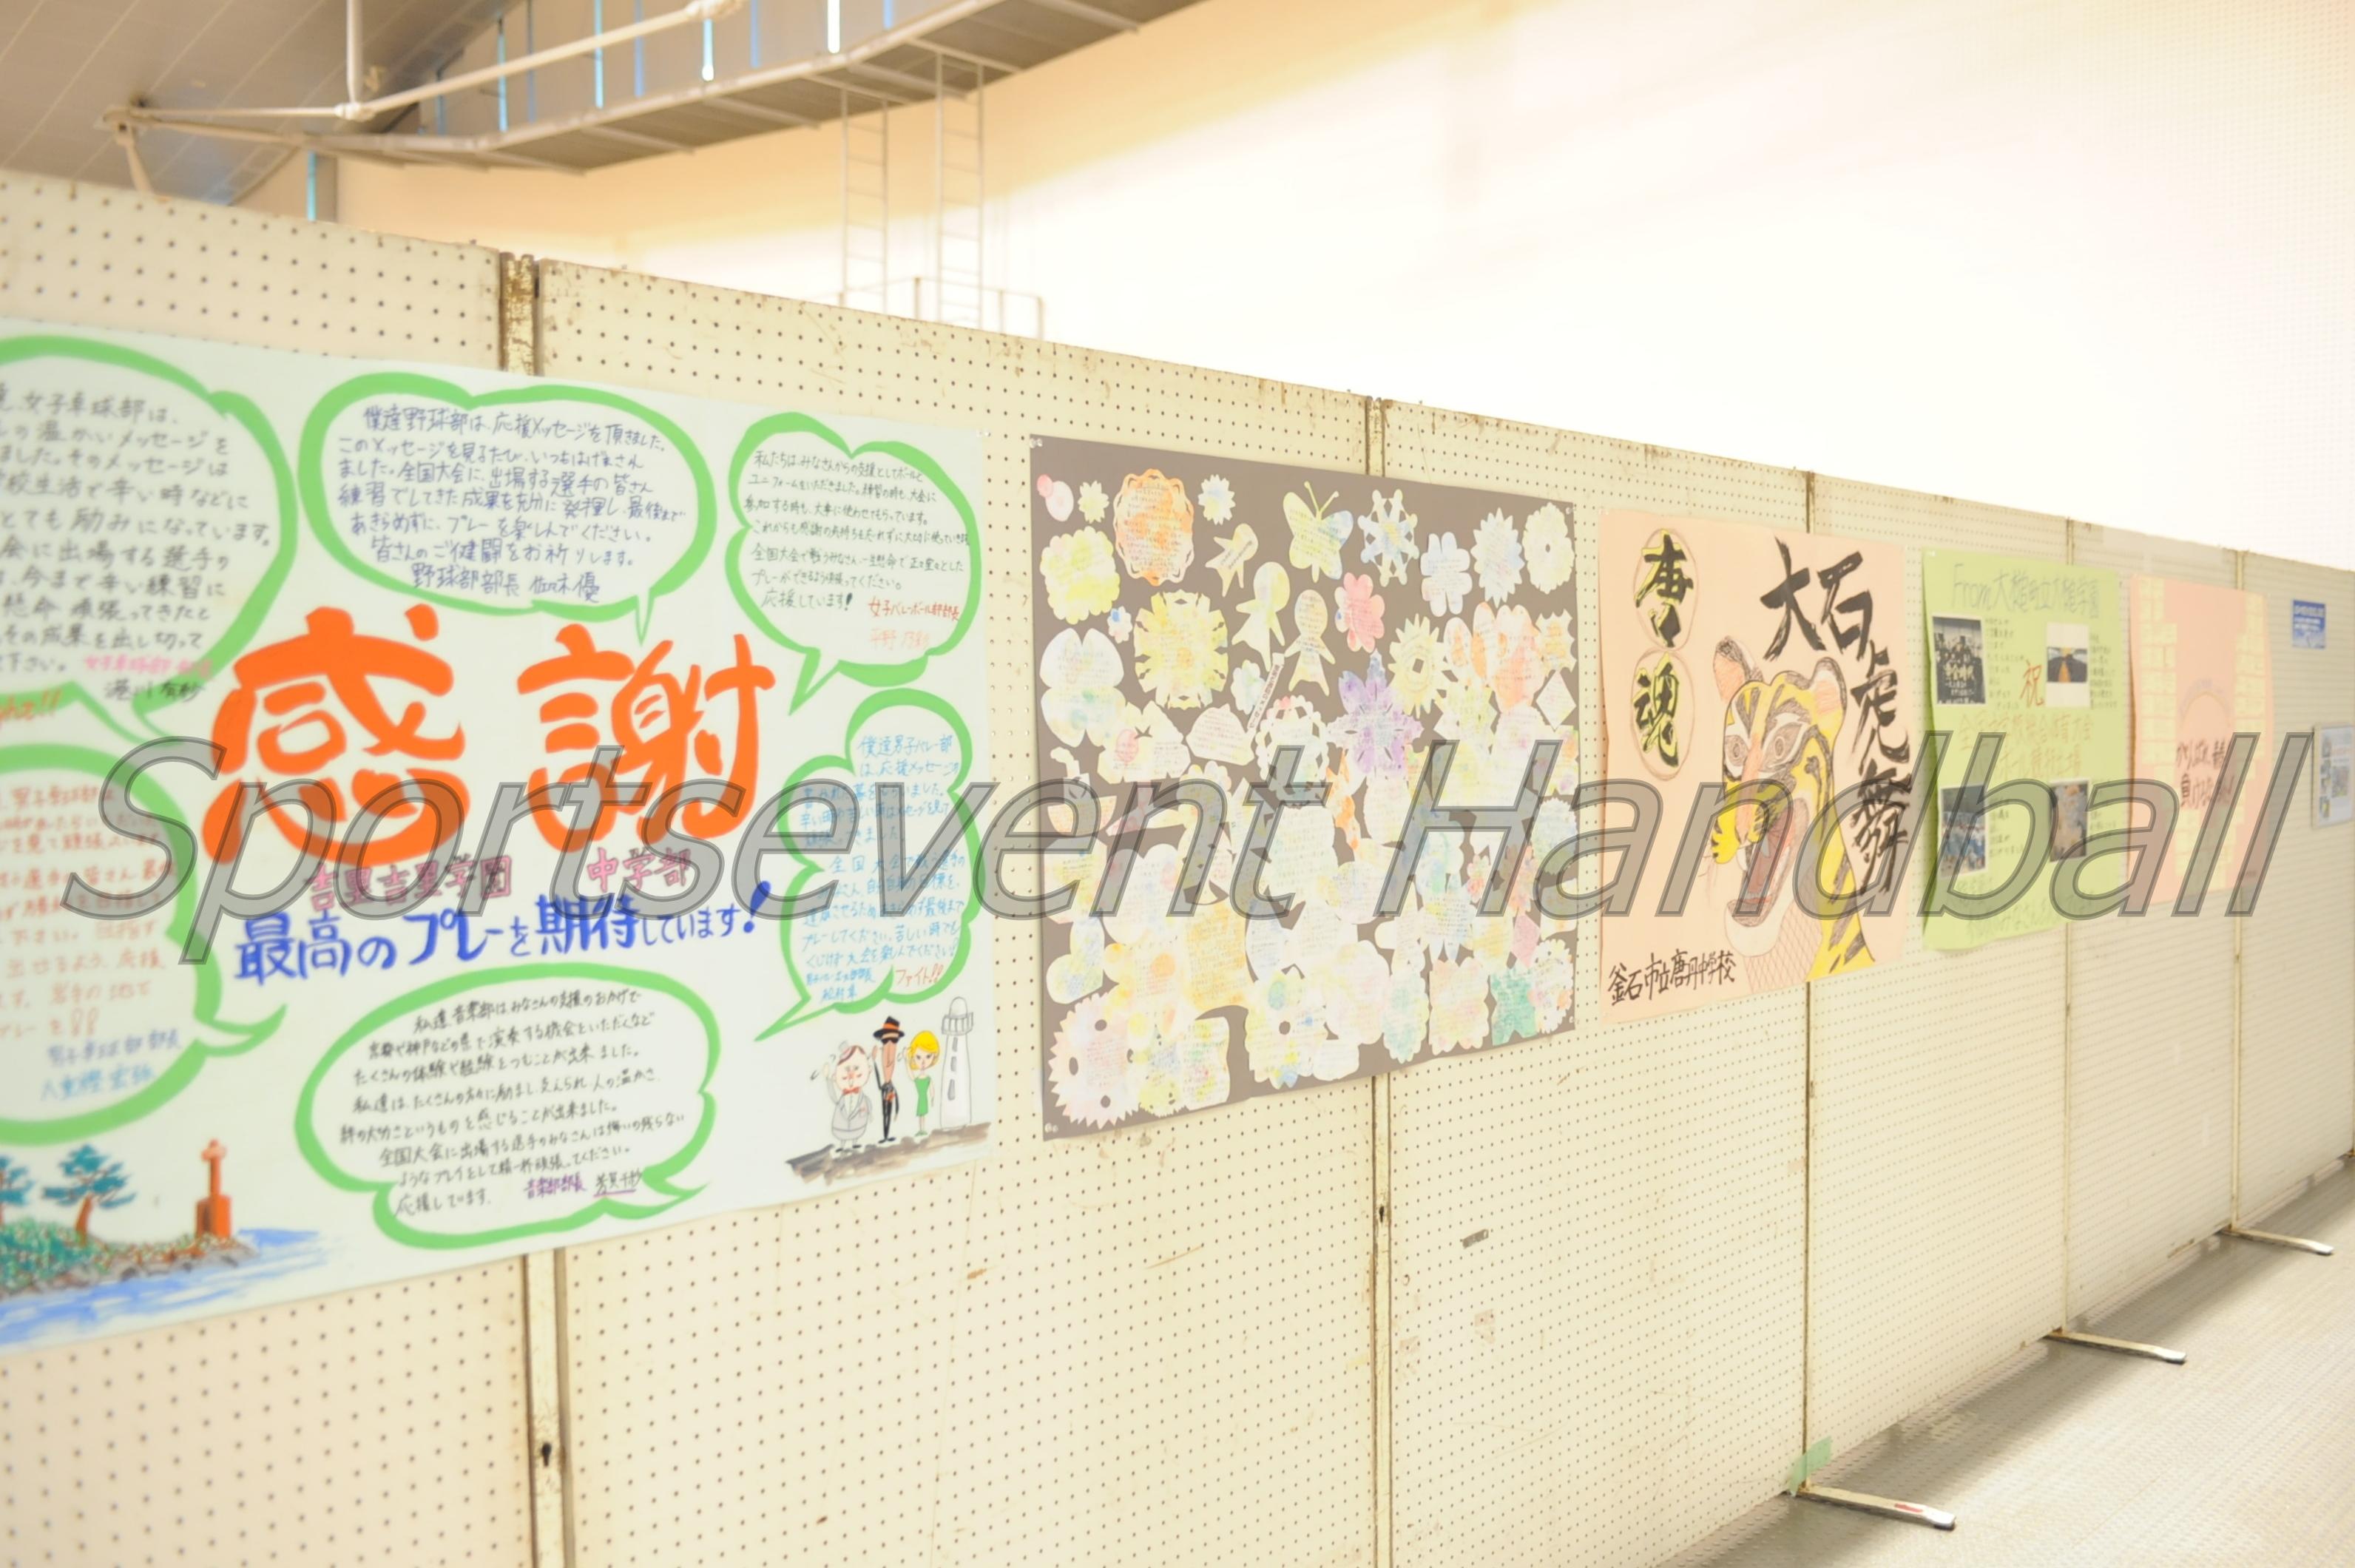 被災地の中学生からのメッセージ。会場には写真、新聞記事も展示されています。